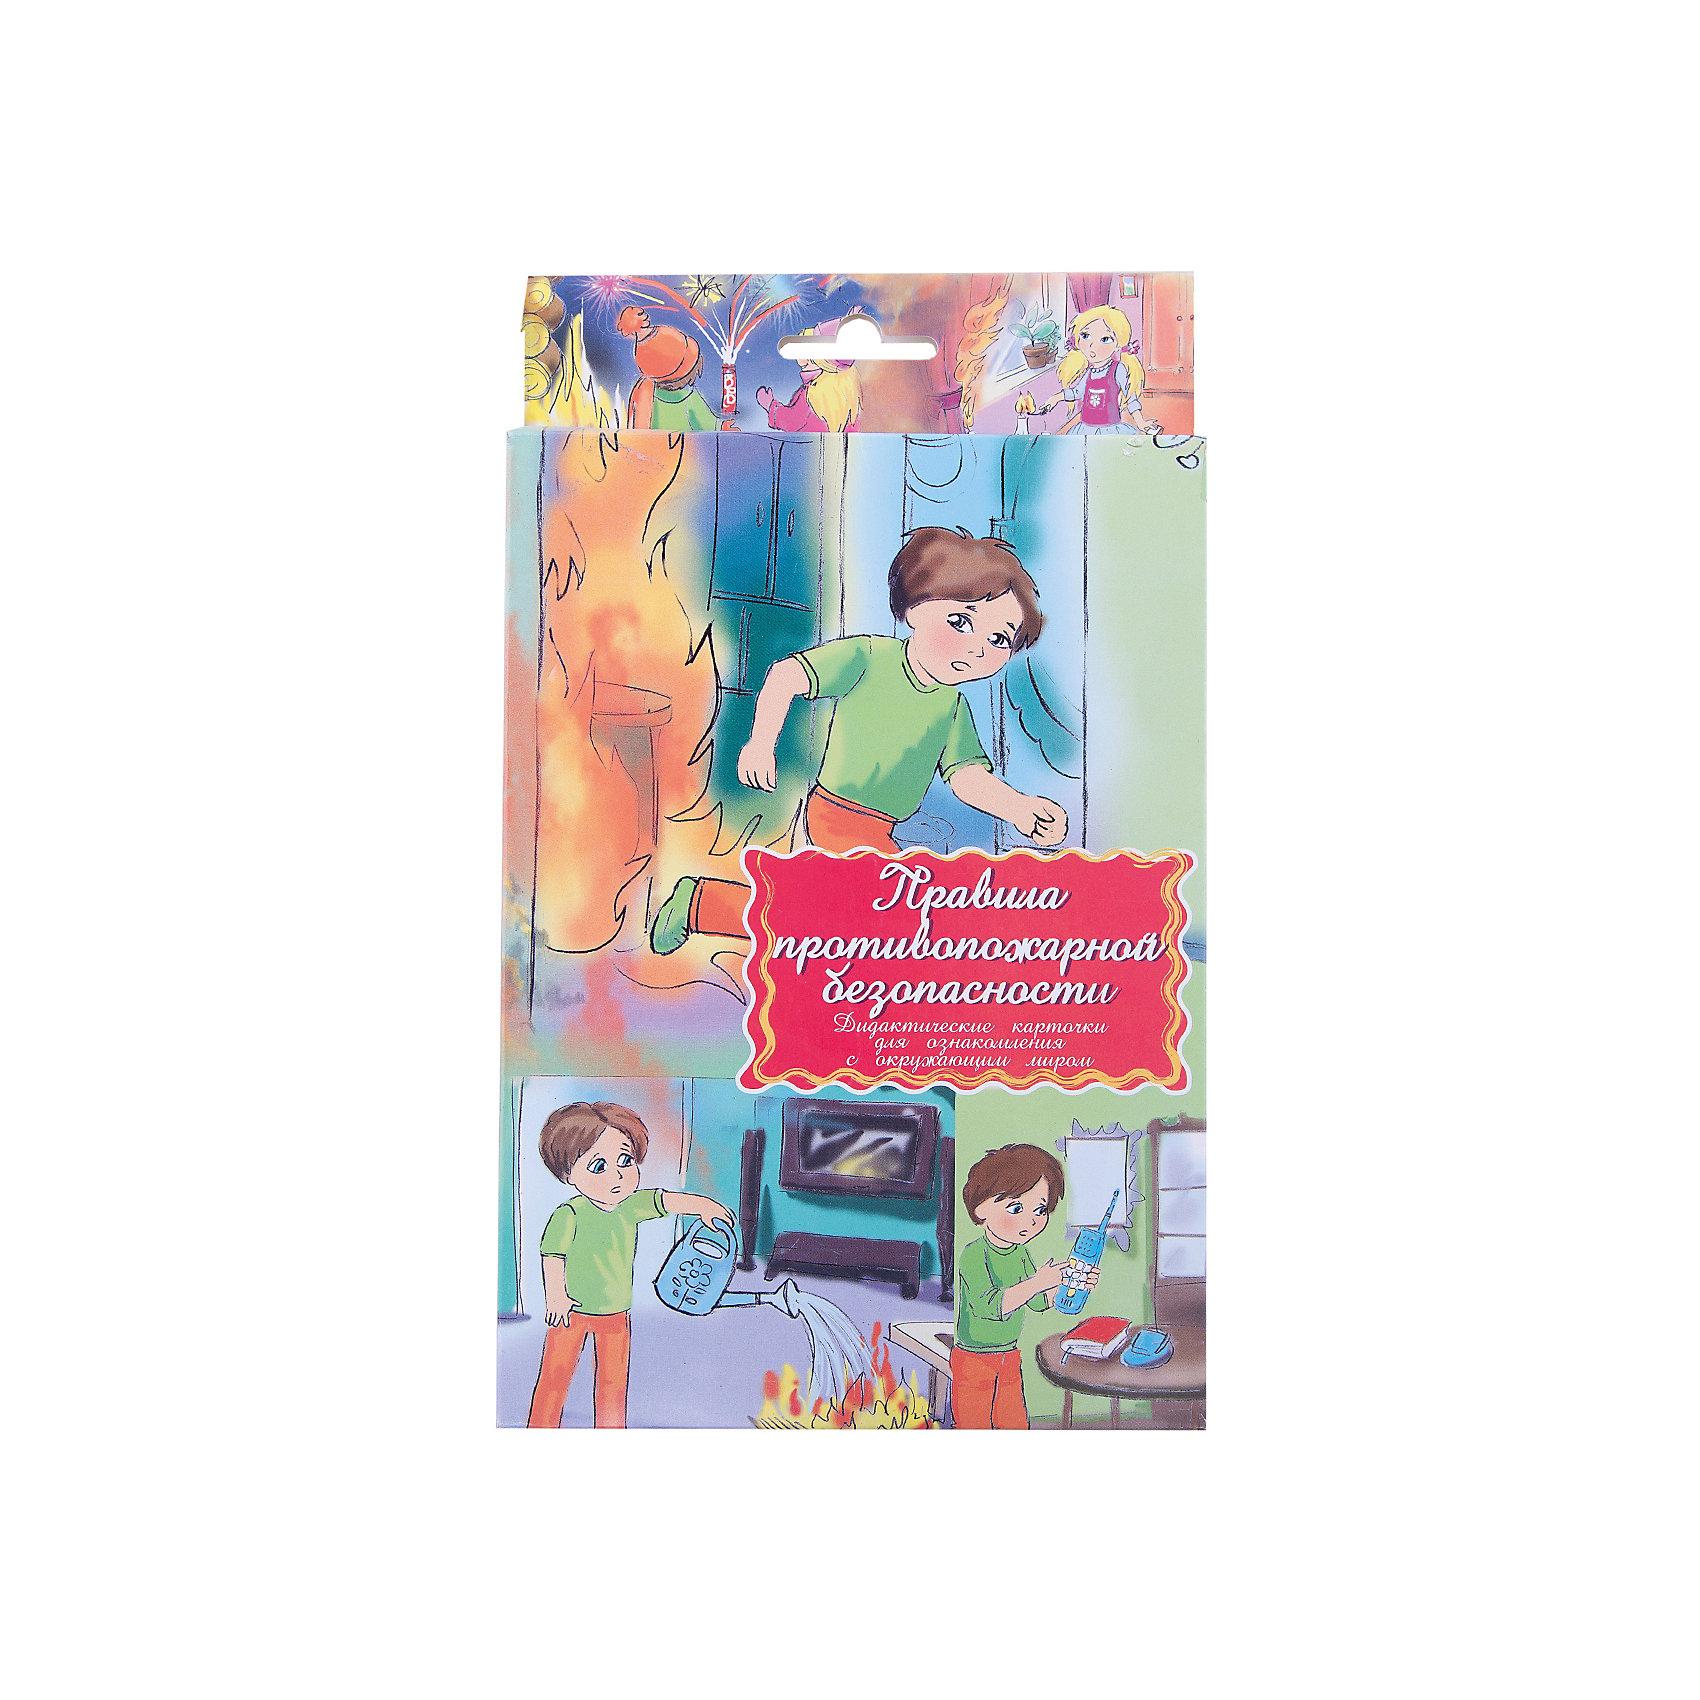 Дидактические карточки Правила пожарной безопасности,Обучающие карточки<br>Дидактические карточки Правила пожарной безопасности, Маленький гений.<br><br>Характеристики:<br><br>• Художник: Кочетова Е.<br>• Количество карточек: 16<br>• Размер карточек: 25х15 см.<br>• Материал: картон<br>• Упаковка: картонный блистер с европодвесом<br>• Размер упаковки: 25,2х15,1х1 см.<br><br>Дидактические карточки с крупными яркими картинками познакомят с некоторыми самыми необходимыми правилами пожарной безопасности. В набор входит 16 карточек, разделенных на две группы, иллюстрирующих противоположные правила – «можно и нужно» (зеленые) и «нельзя» (красные). <br><br>На обороте карточек дано подробное объяснение правил. Ребенок поймет, например, почему нельзя прятаться от огня в шкафу и под кроватью, или что нельзя жечь петарды без присмотра взрослых. Сначала внимательно рассмотрите с ребенком картинки. Познакомьте его с правилами. Попросите его самого объяснить значение правил, а затем прочитайте текст на обороте карточки или дайте собственные пояснения. <br><br>Когда ребенок запомнит правила, можно поиграть с карточками. Например, Вы озвучиваете правило, а ребенок должен найти соответствующую ему карточку. Или Вы показываете карточку, а ребенок должен озвучить правило и объяснить его. Карточки рекомендуются родителям для познавательных игр с детьми и занятий по методике Глена Домана.<br><br>Дидактические карточки Правила пожарной безопасности, Маленький гений можно купить в нашем интернет-магазине.<br><br>Ширина мм: 150<br>Глубина мм: 90<br>Высота мм: 90<br>Вес г: 200<br>Возраст от месяцев: 36<br>Возраст до месяцев: 84<br>Пол: Унисекс<br>Возраст: Детский<br>SKU: 5454194